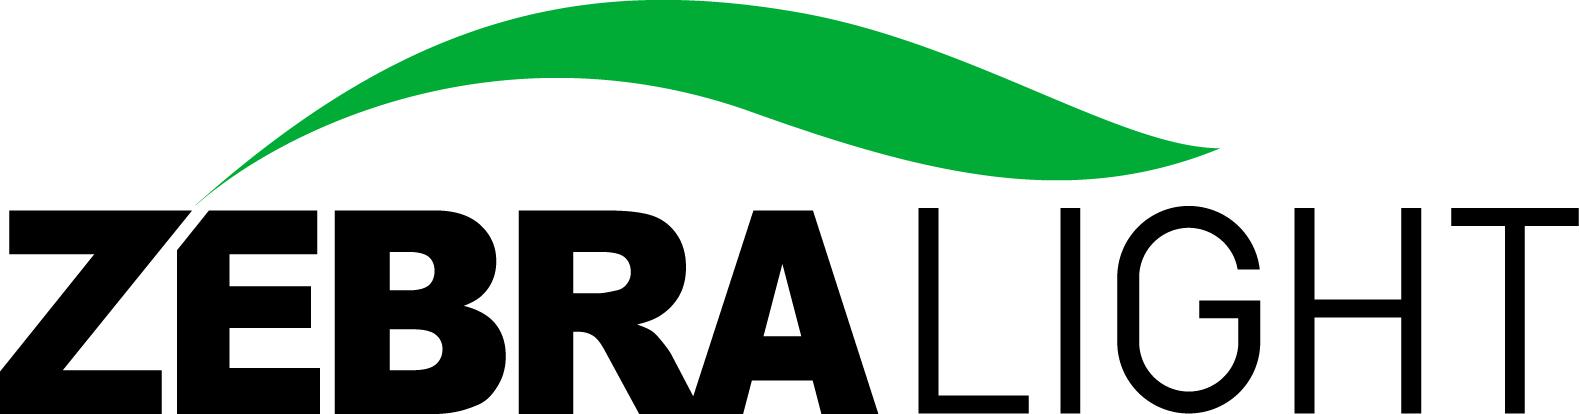 zebralight-logo.jpg